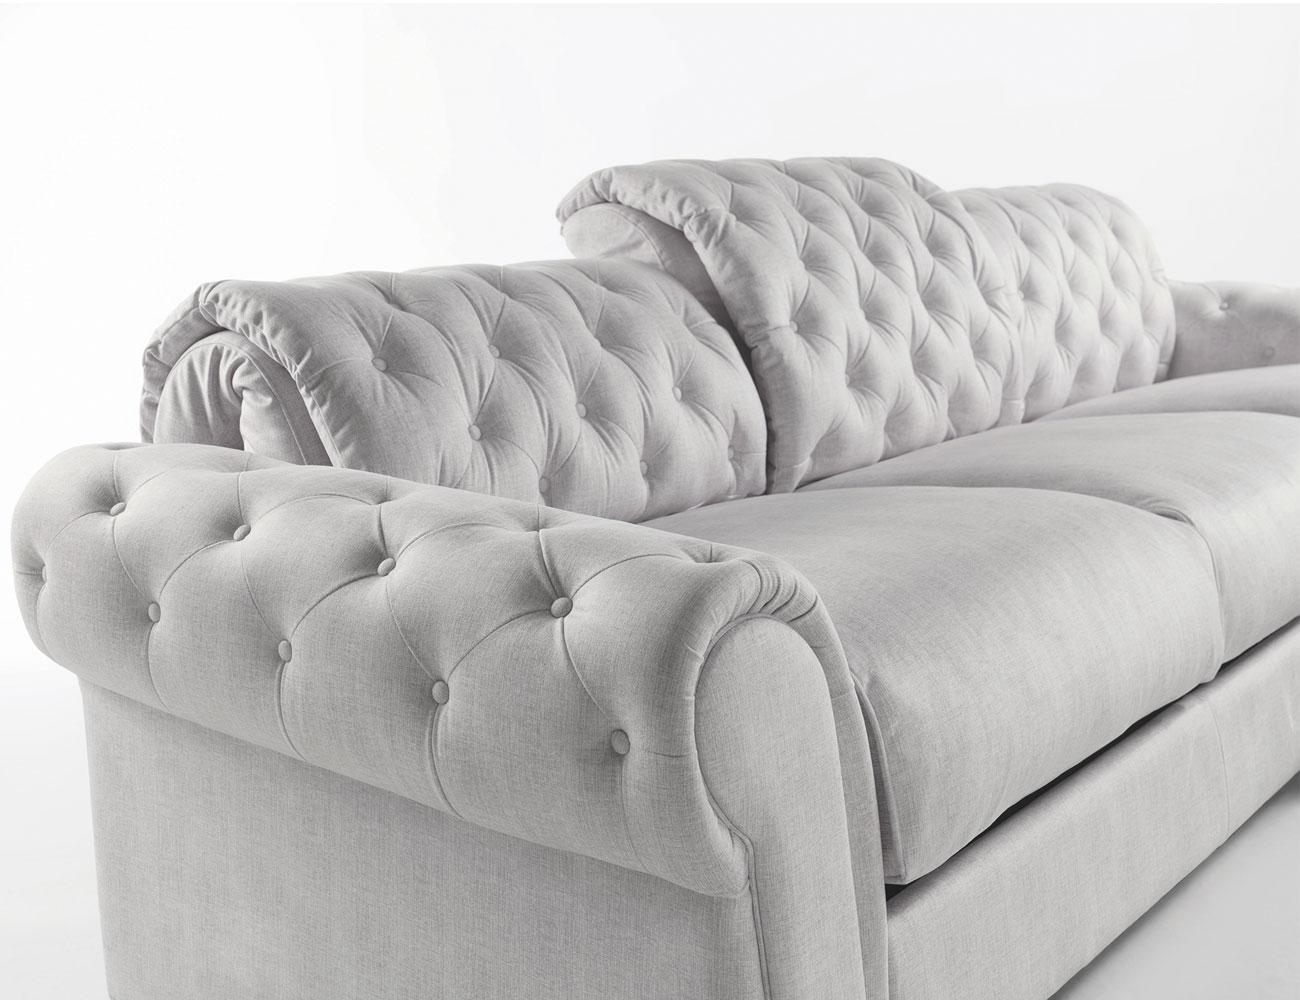 Sofa chaiselongue gran lujo decorativo capitone blanco tela 18